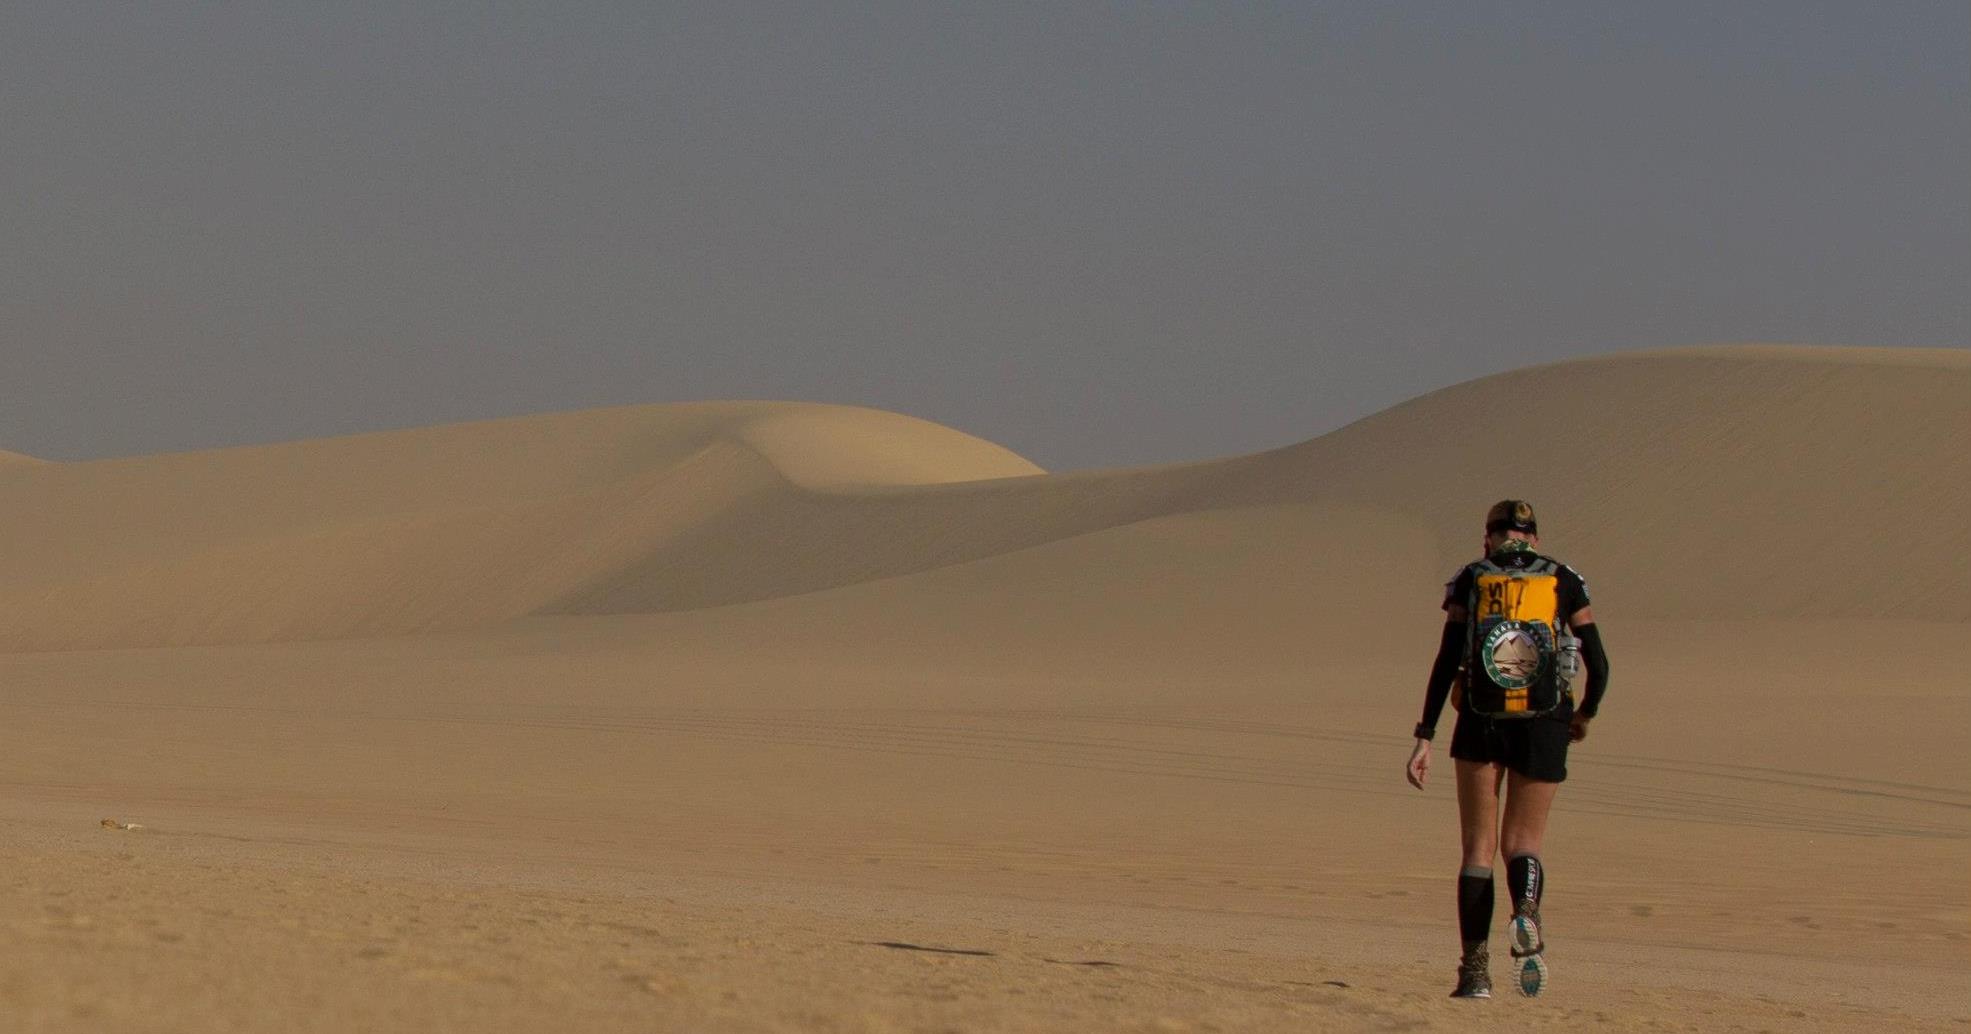 sables-emouvants-livre-journaliste-marathonienne-femme-trail-montagne